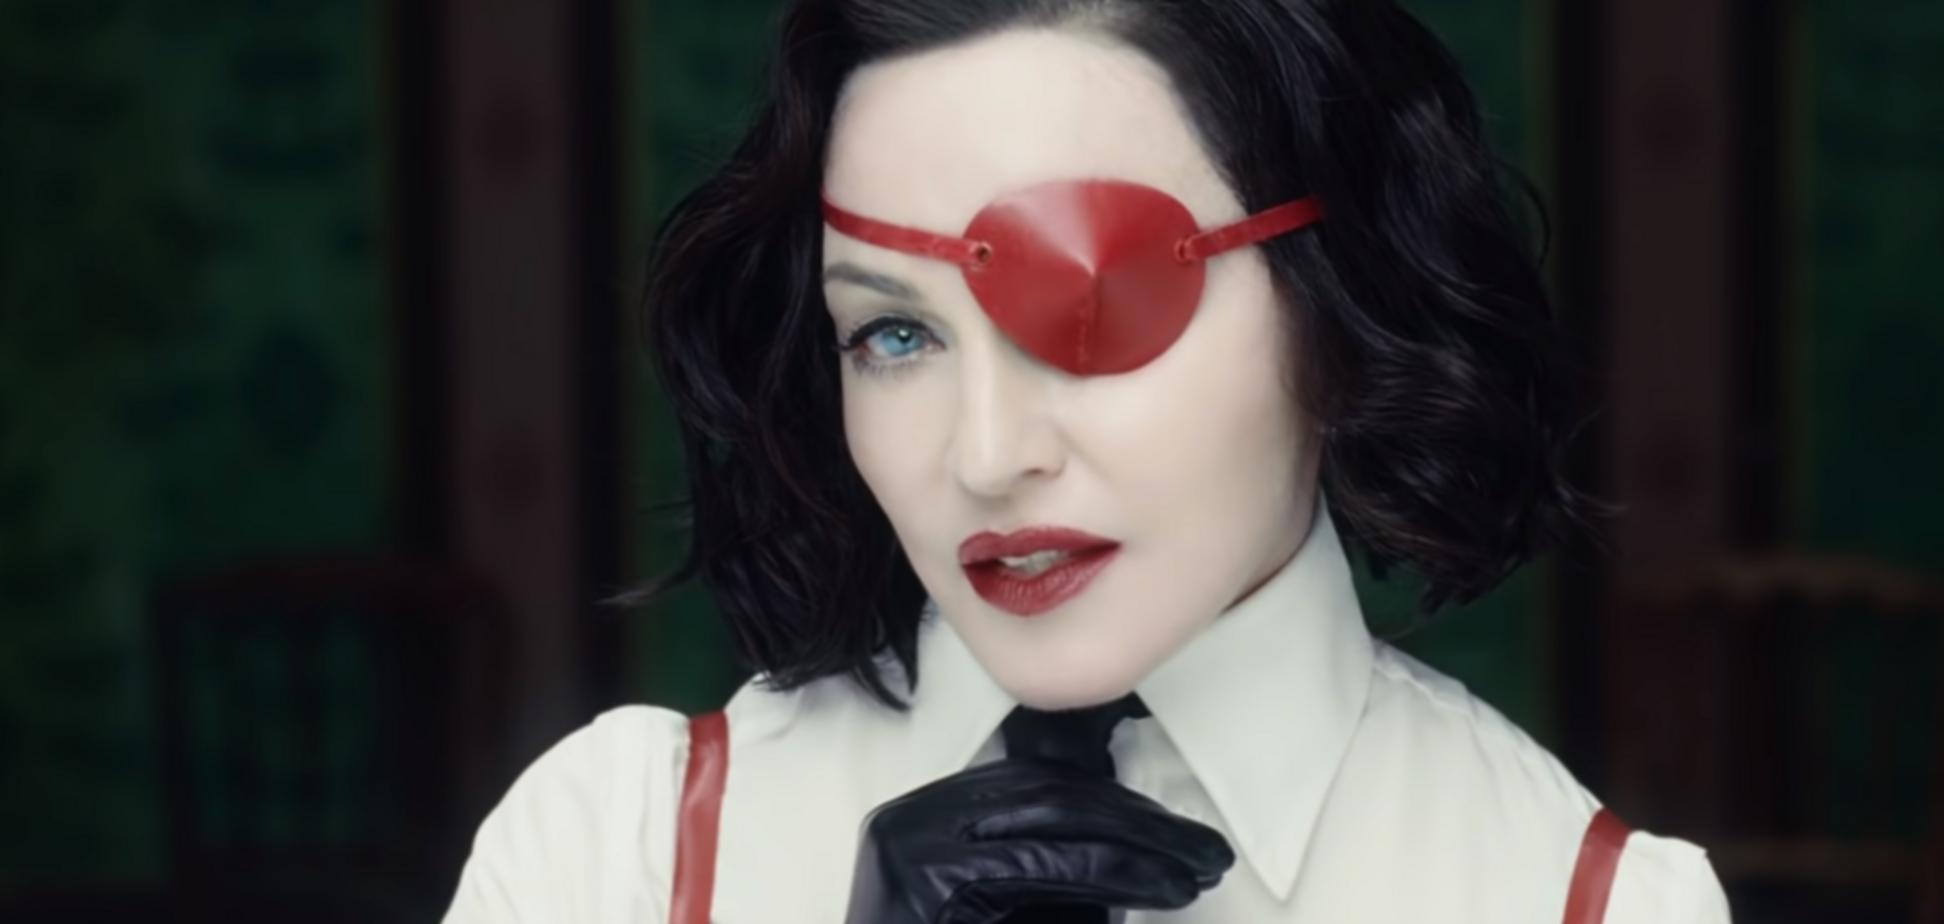 Мадонна вперше за чотири роки випустила відвертий кліп. Відео